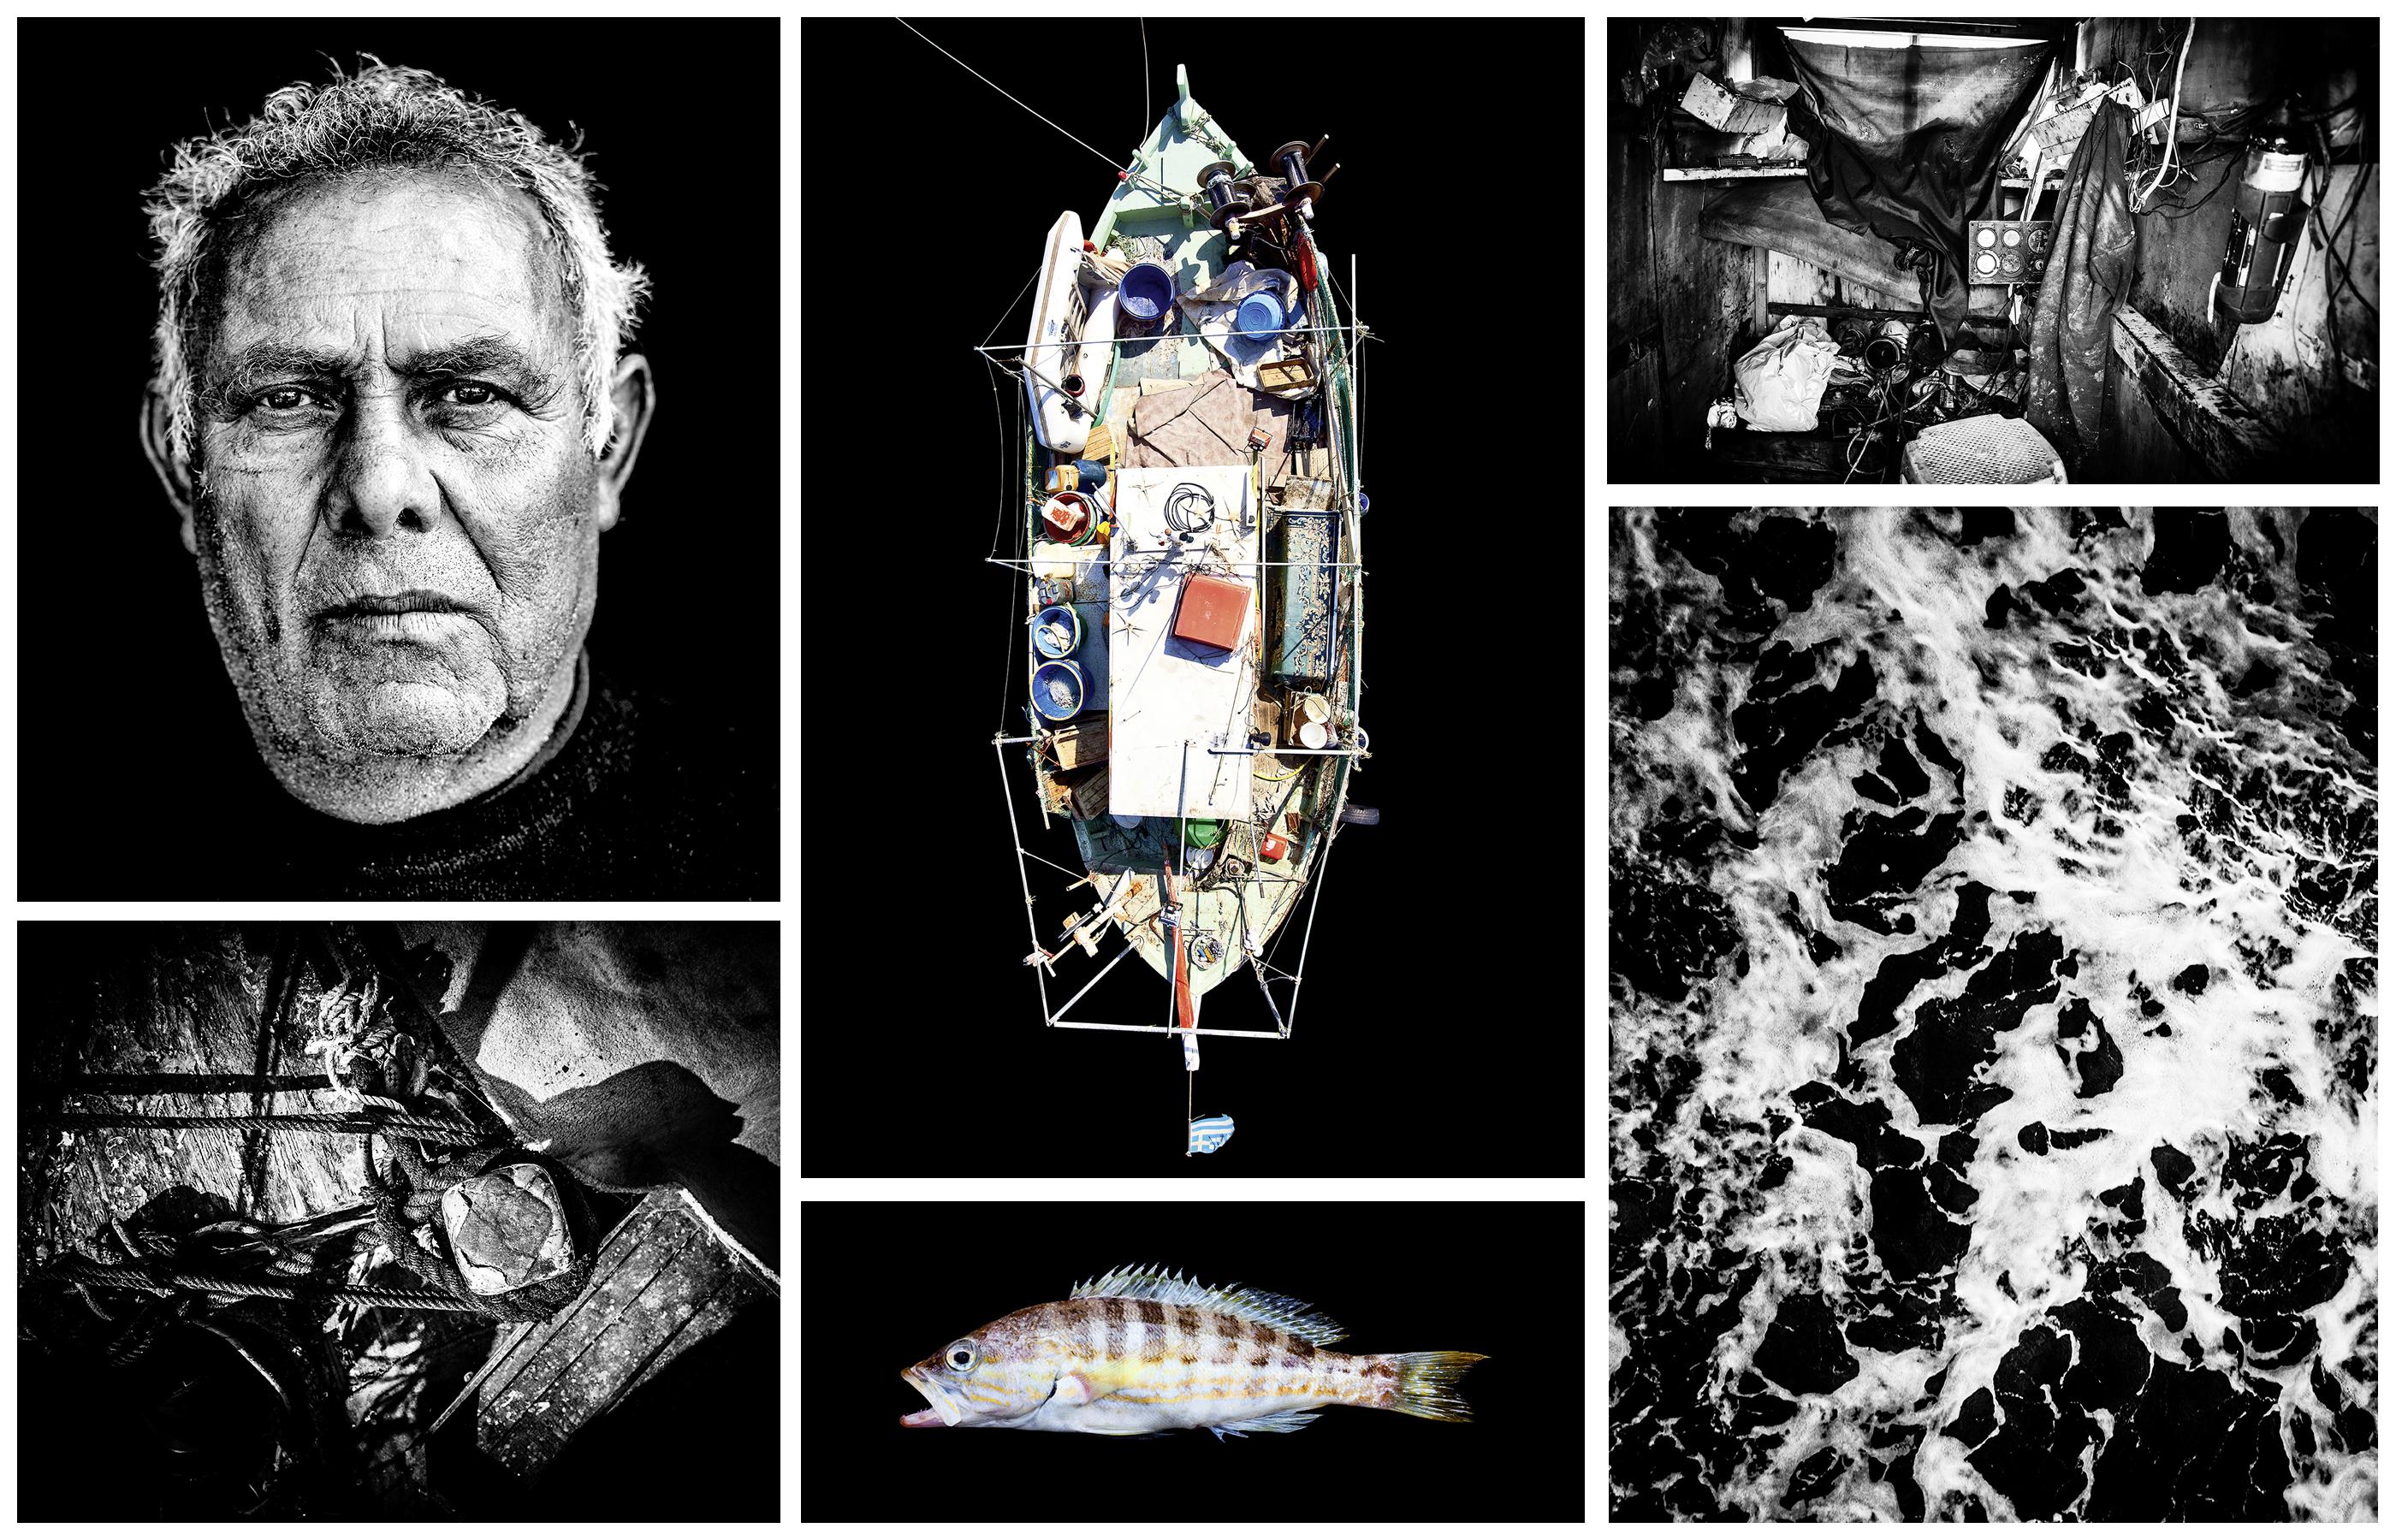 Name: Athanassios Karapetis. Born: 1947. Boat Name: Despoina. Location: Parikia/Paros.